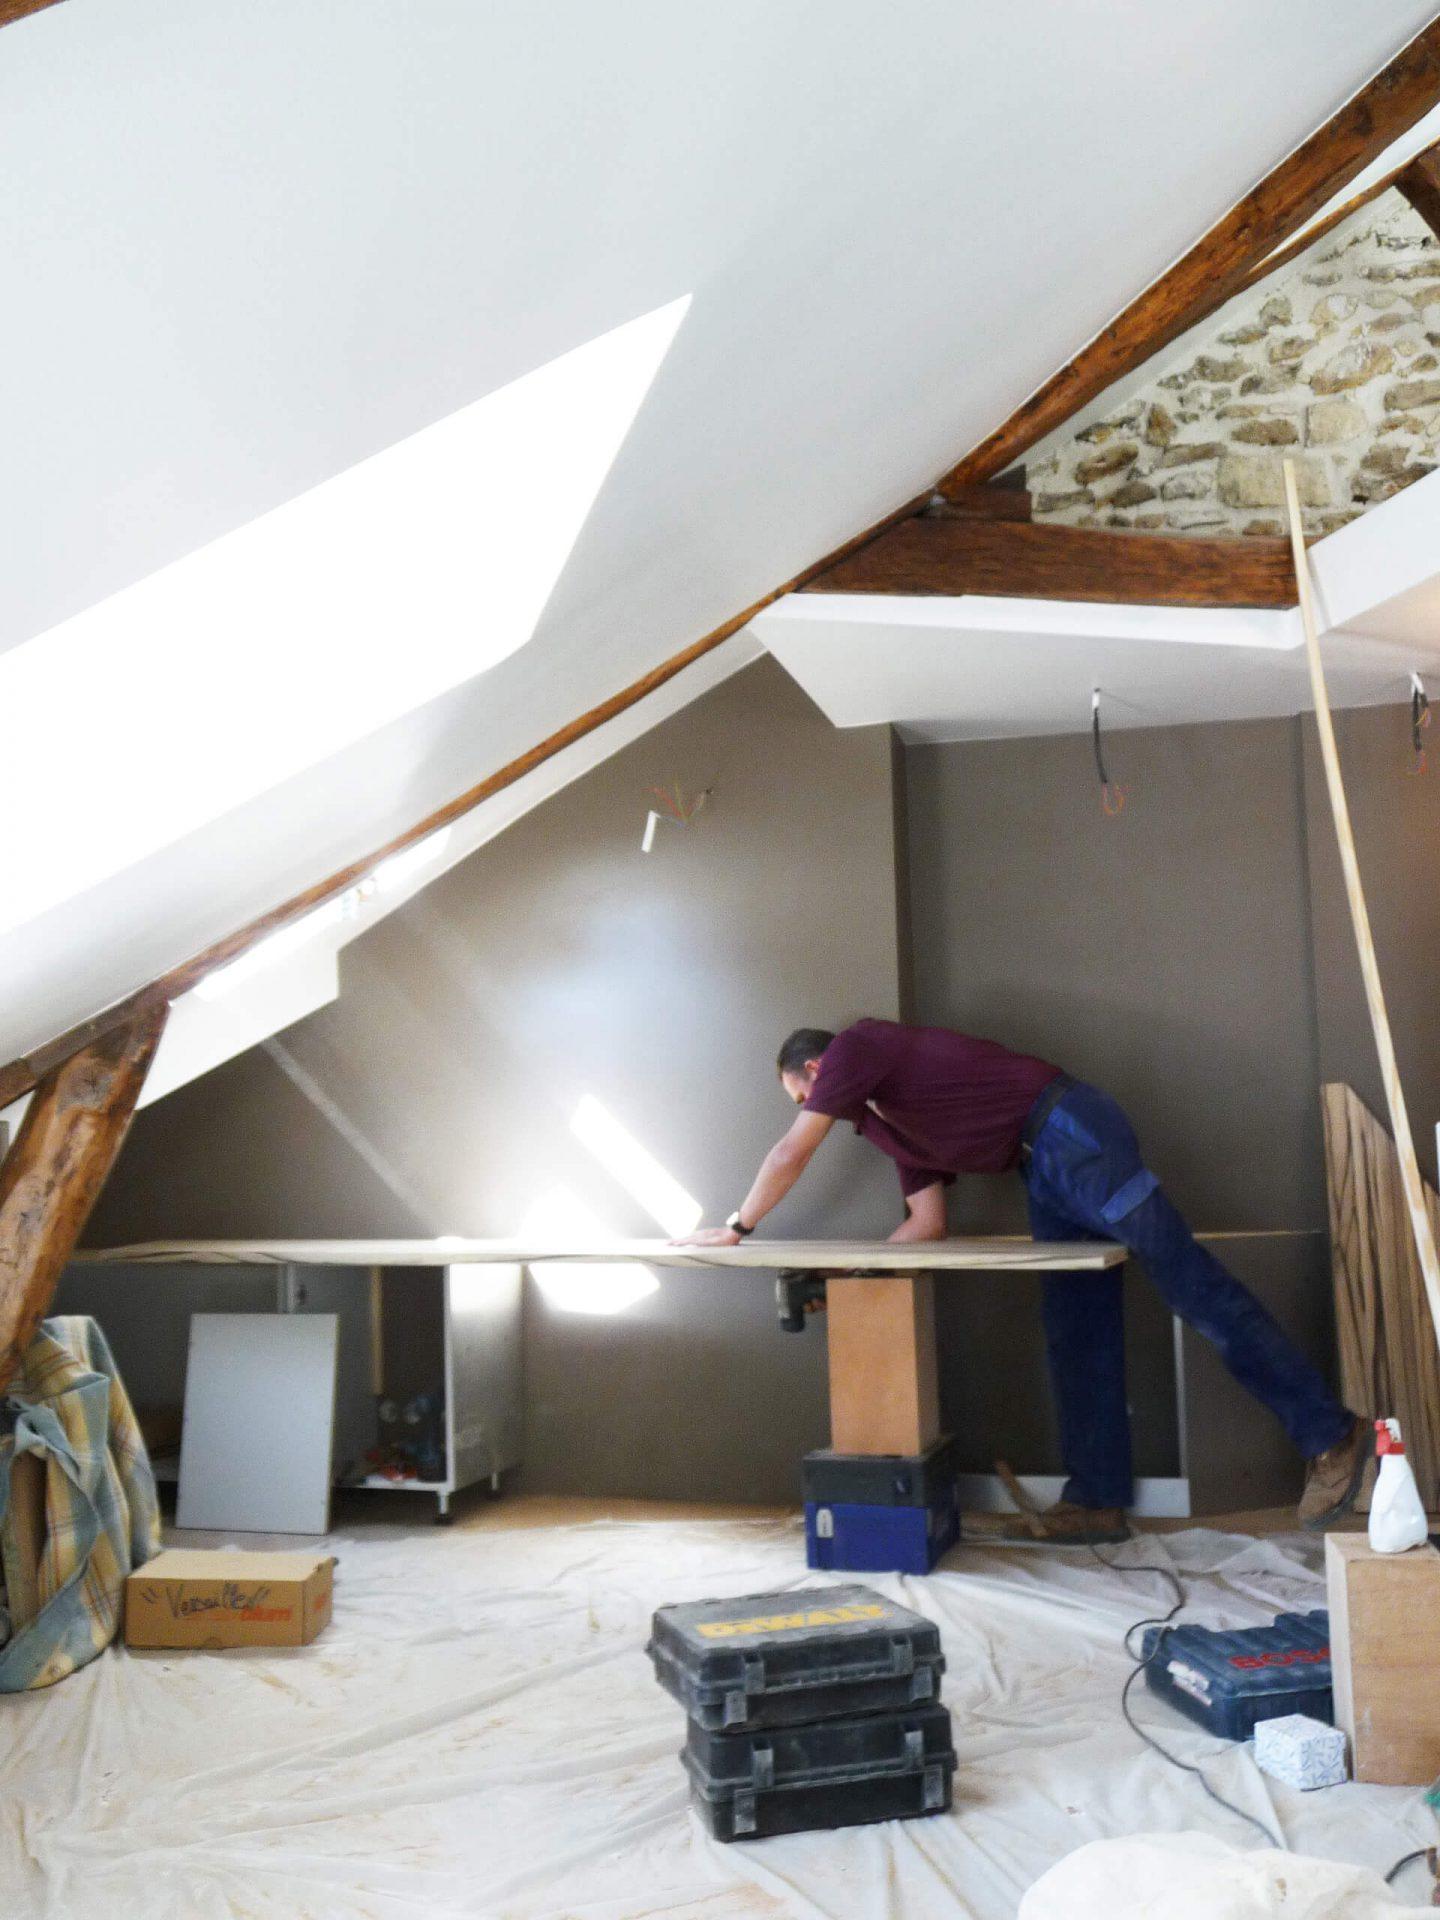 architecte d int rieur paris chantier suivi et coordination. Black Bedroom Furniture Sets. Home Design Ideas